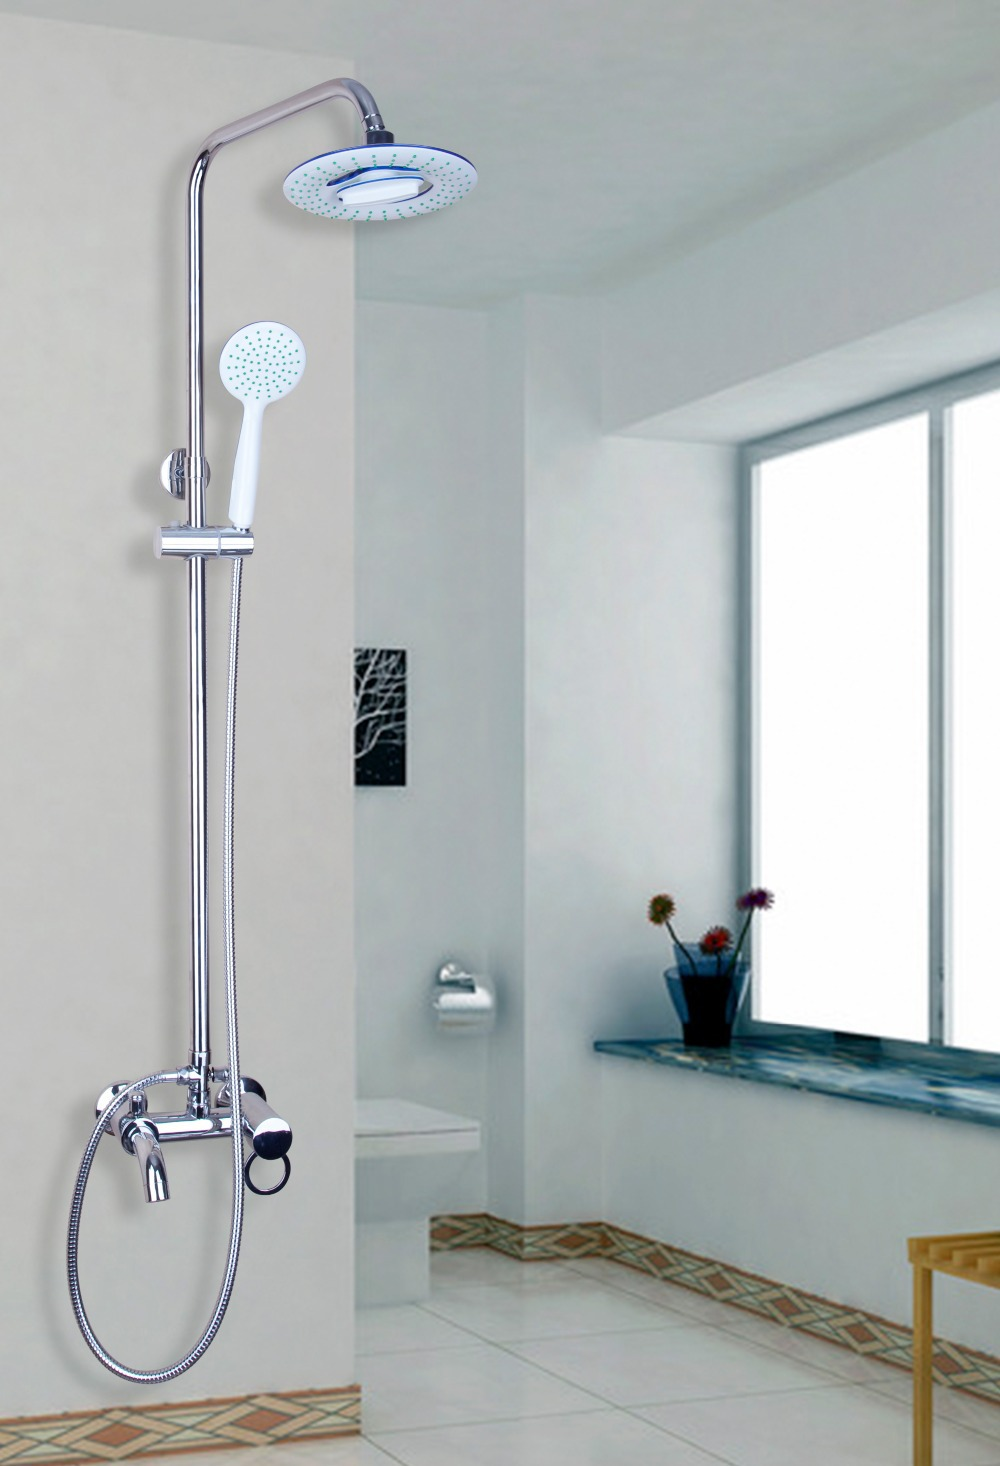 Hose for bathroom faucet - 53006 Double Function Bathroom Basin 8 Abs Shower Head Brass Valve Hand Spray